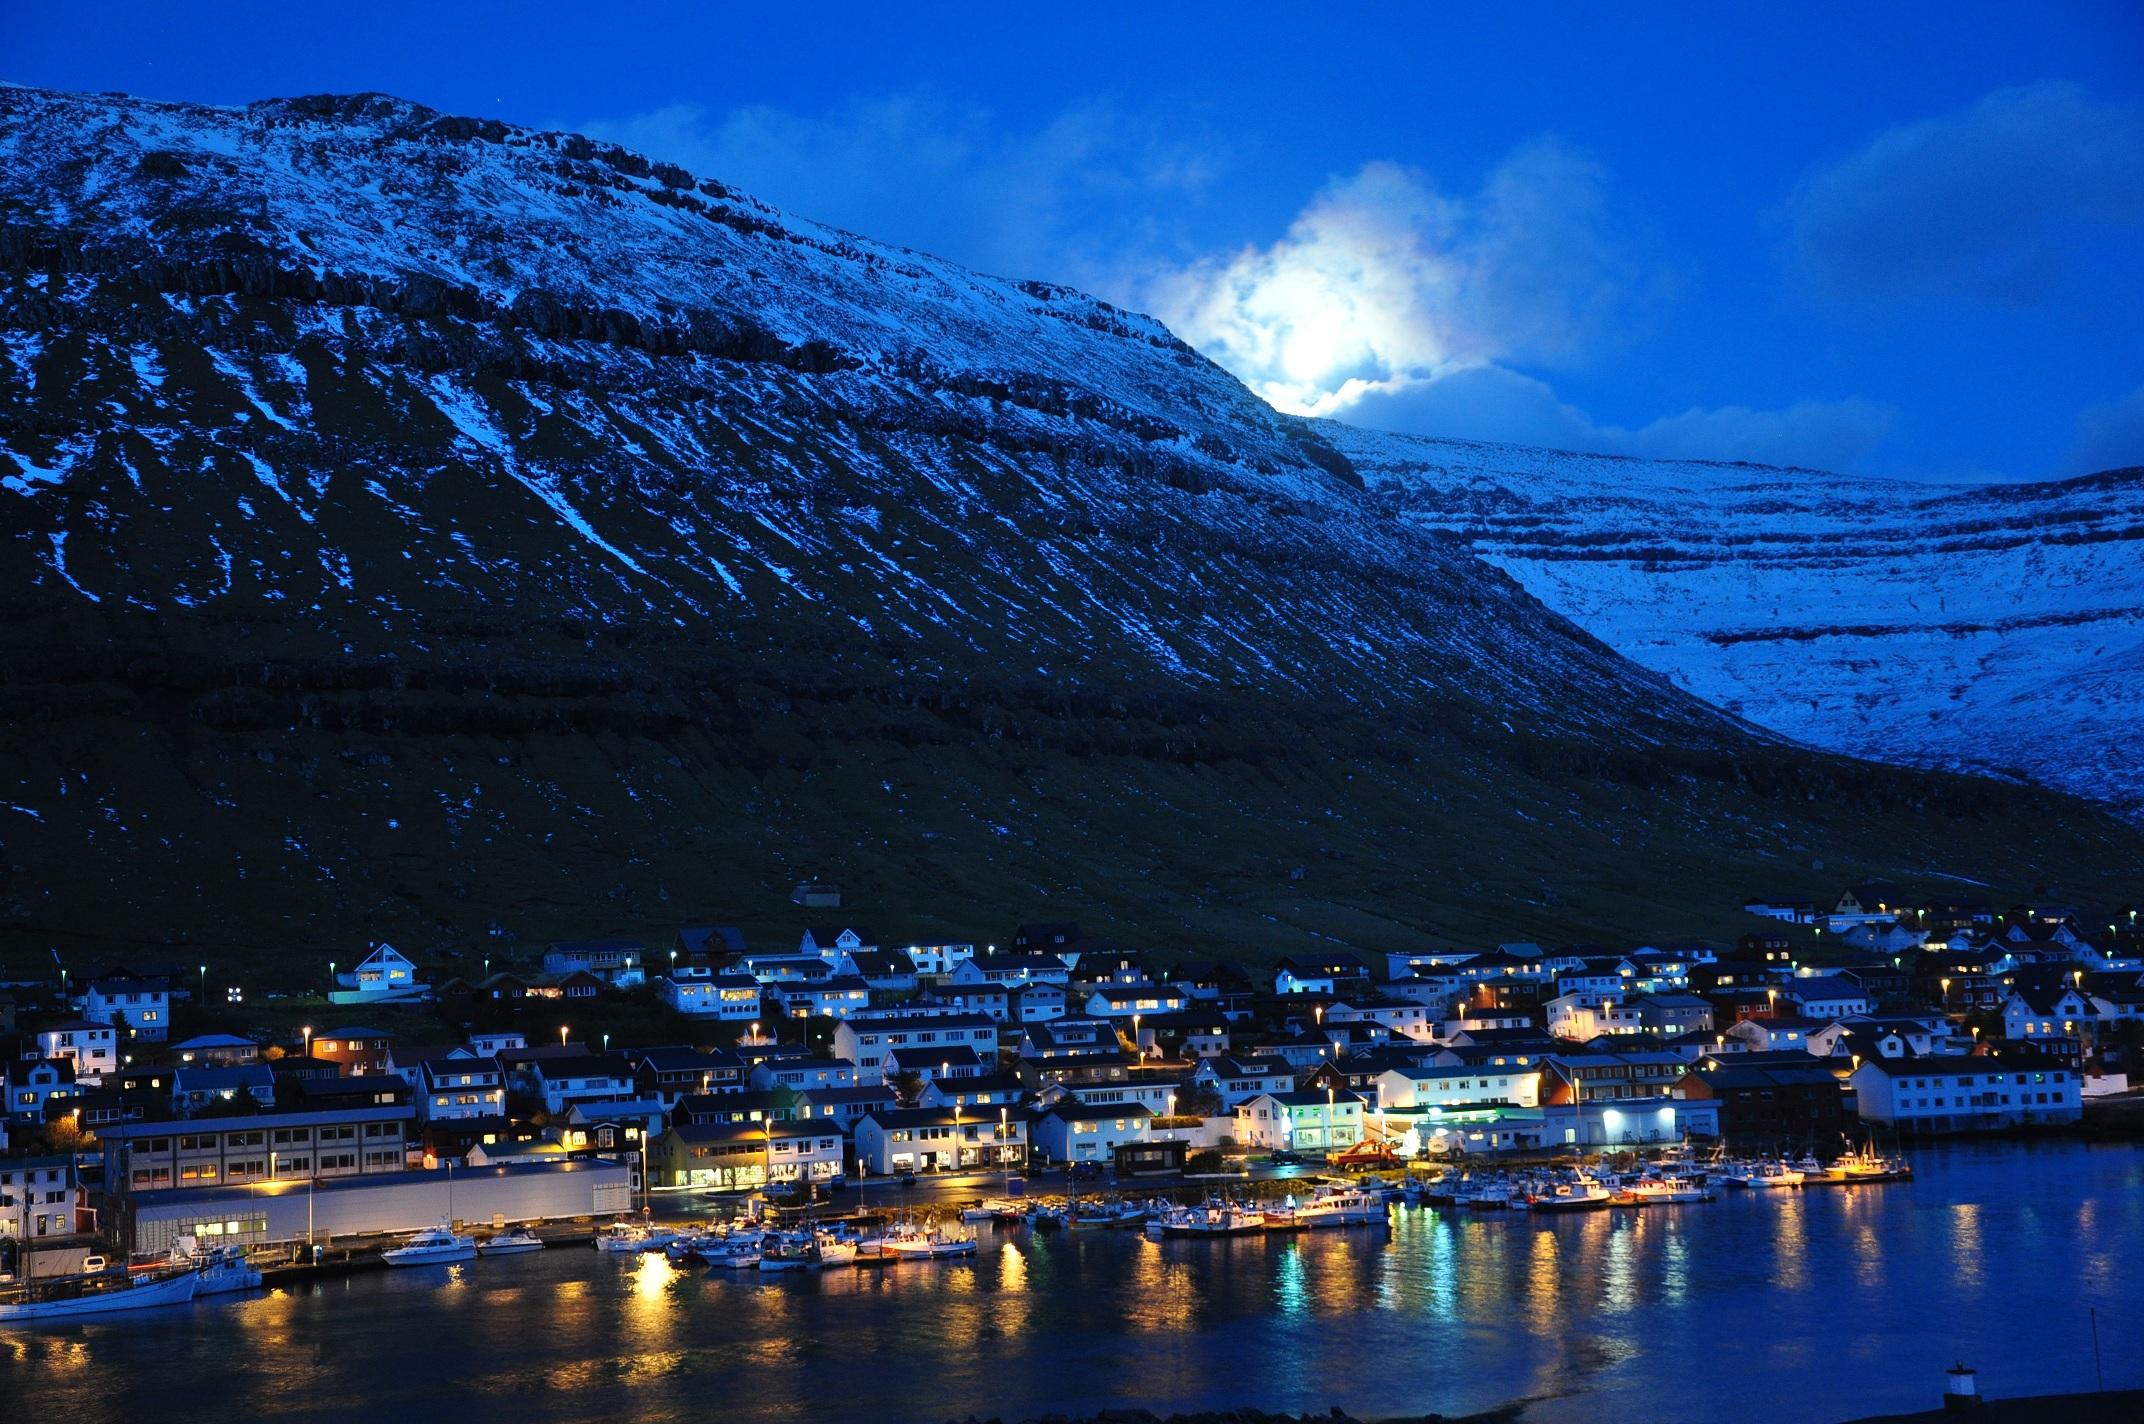 Farska Ostrva Faroe_Islands,_Bor%C3%B0oy,_Klaksv%C3%ADk_(1)